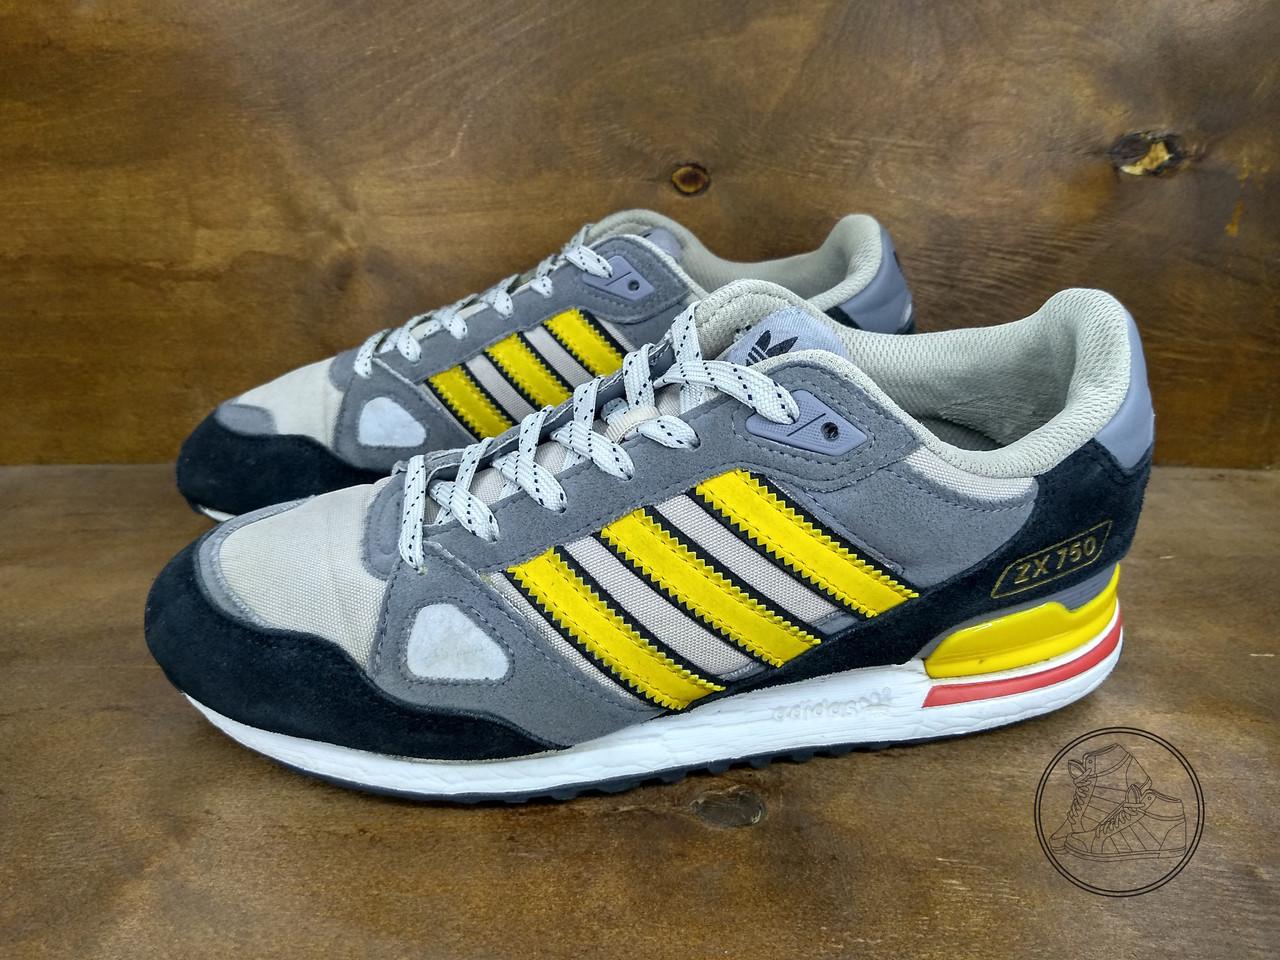 premium selection 8d391 a780c ... sport shoes online e6b8e 8a9f1  uk adidas zx 750 38 4877e 8b45b